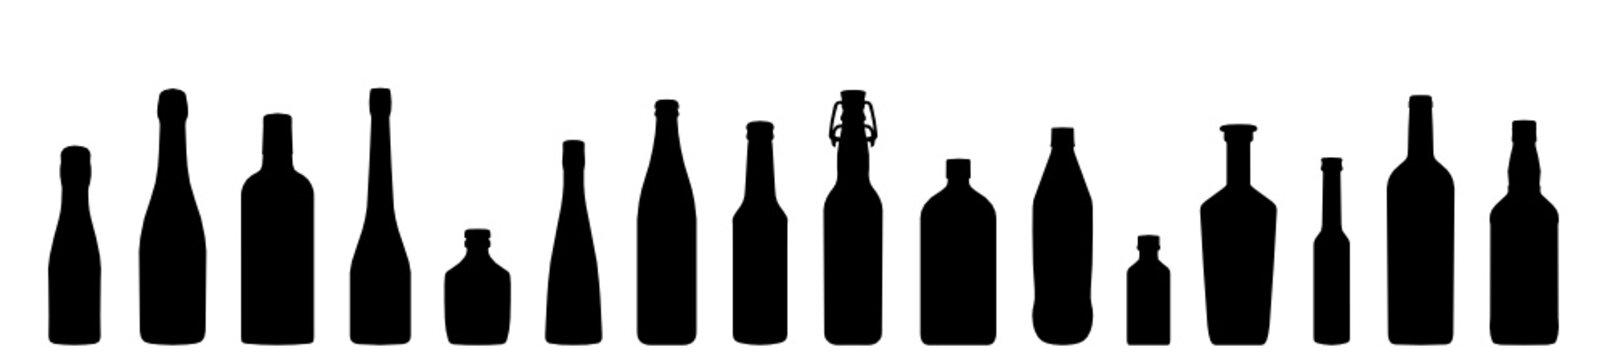 Flaschen Icons